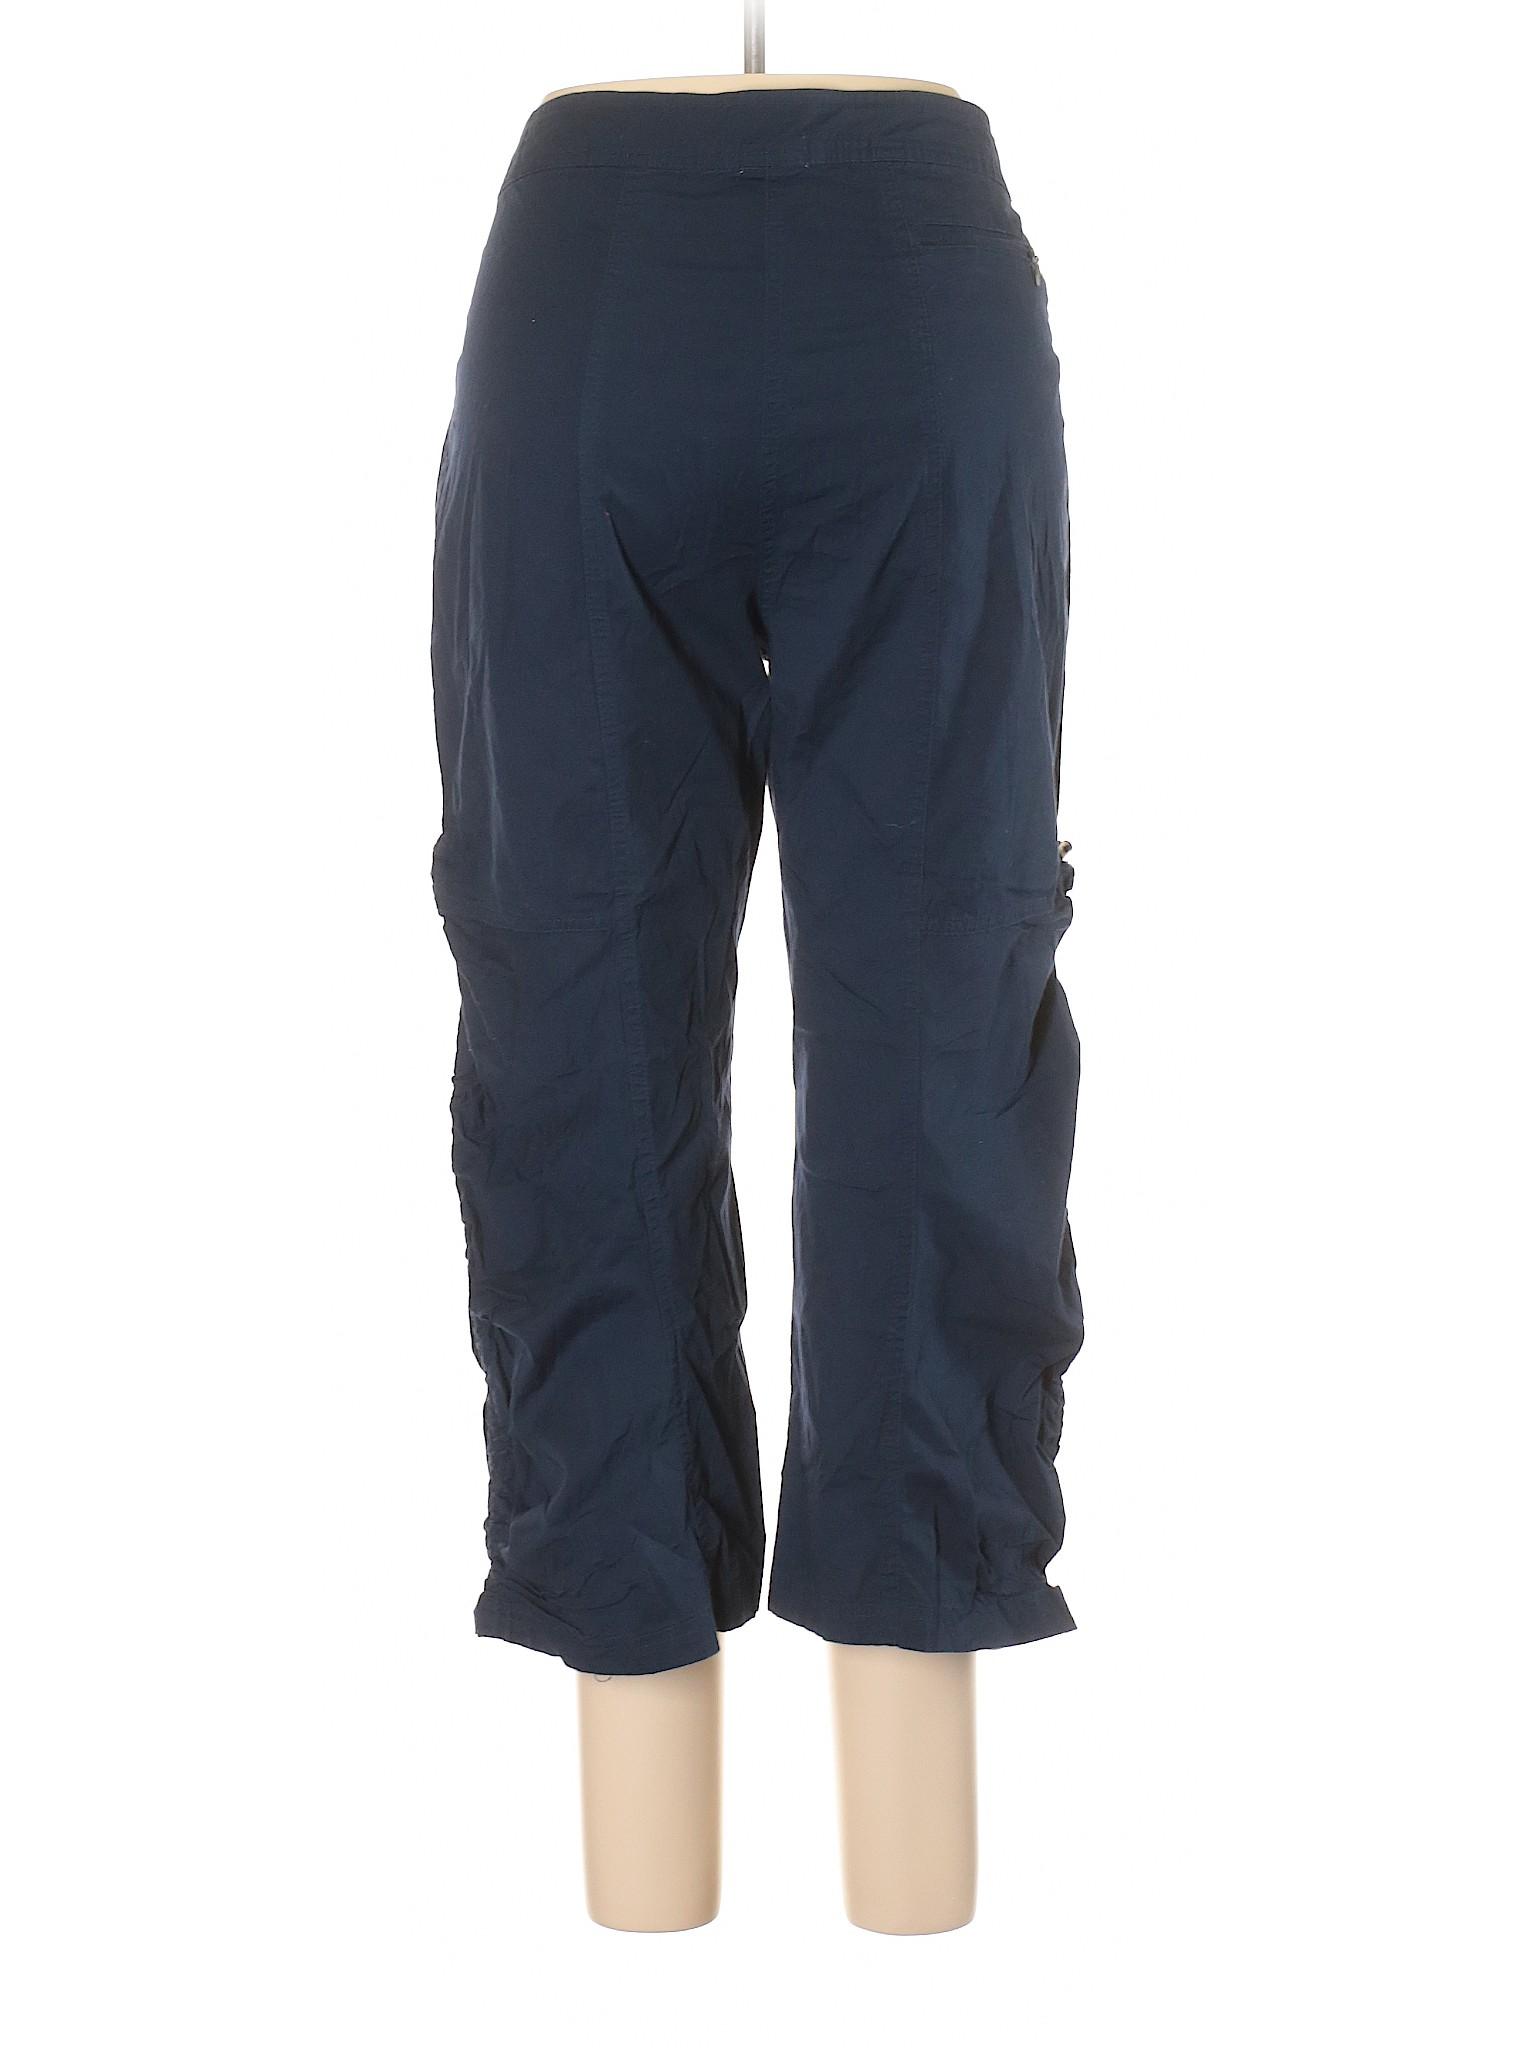 Boutique Leisure Casual Now Danskin Pants CCS8HnwqP